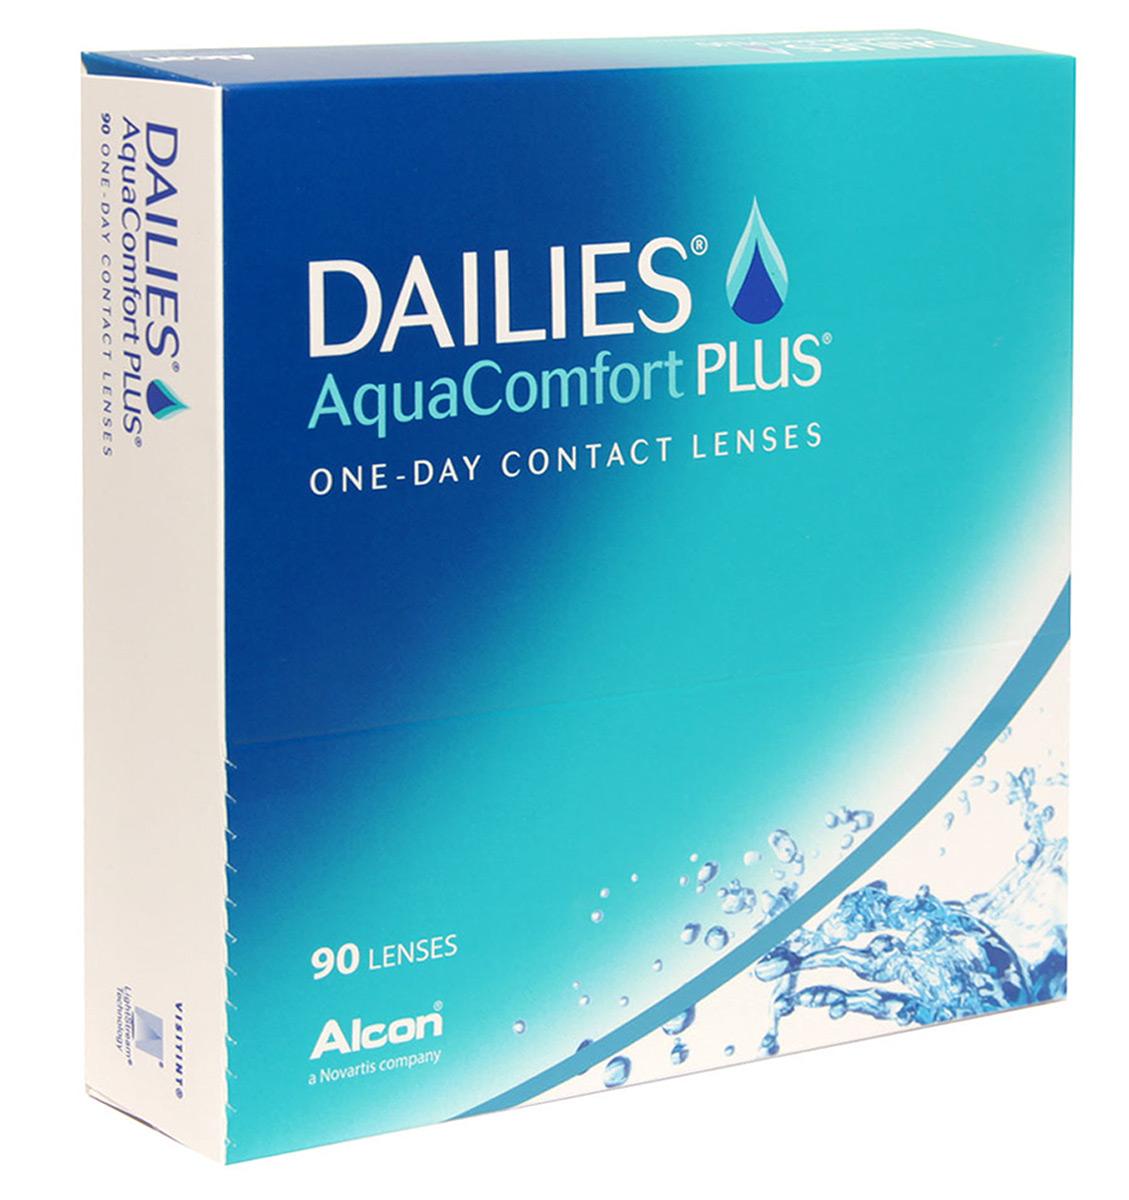 Alcon-CIBA Vision контактные линзы Dailies AquaComfort Plus (90шт / 8.7 / 14.0 / +1.25)38346Dailies Aqua Comfort Plus (90 блистеров) – это одни из самых популярных однодневных линз производства компании CIBA VISION. Эти линзы пользуются огромной популярностью во всем мире и являются на сегодняшний день самыми безопасными контактными линзами. Изготавливаются линзы из современного, 100% безопасного материала нелфилкон А. Особенность этого материала в том, что он легко пропускает воздух и хорошо сохраняет влагу. Однодневные контактные линзы Dailies Aqua Comfort Plus не нуждаются в дополнительном уходе и затратах, каждый день вы надеваете свежую пару линз. Дизайн линзы биосовместимый, что гарантирует безупречный комфорт. Самое главное достоинство Dailies Aqua Comfort Plus – это их уникальная система увлажнения. Благодаря этой разработке линзы увлажняются тремя различными агентами. Первый компонент, ухаживающий за линзами, находится в растворе, он как бы обволакивает линзу, обеспечивая чрезвычайно комфортное надевание. Второй агент выделяется на протяжении всего дня, он...